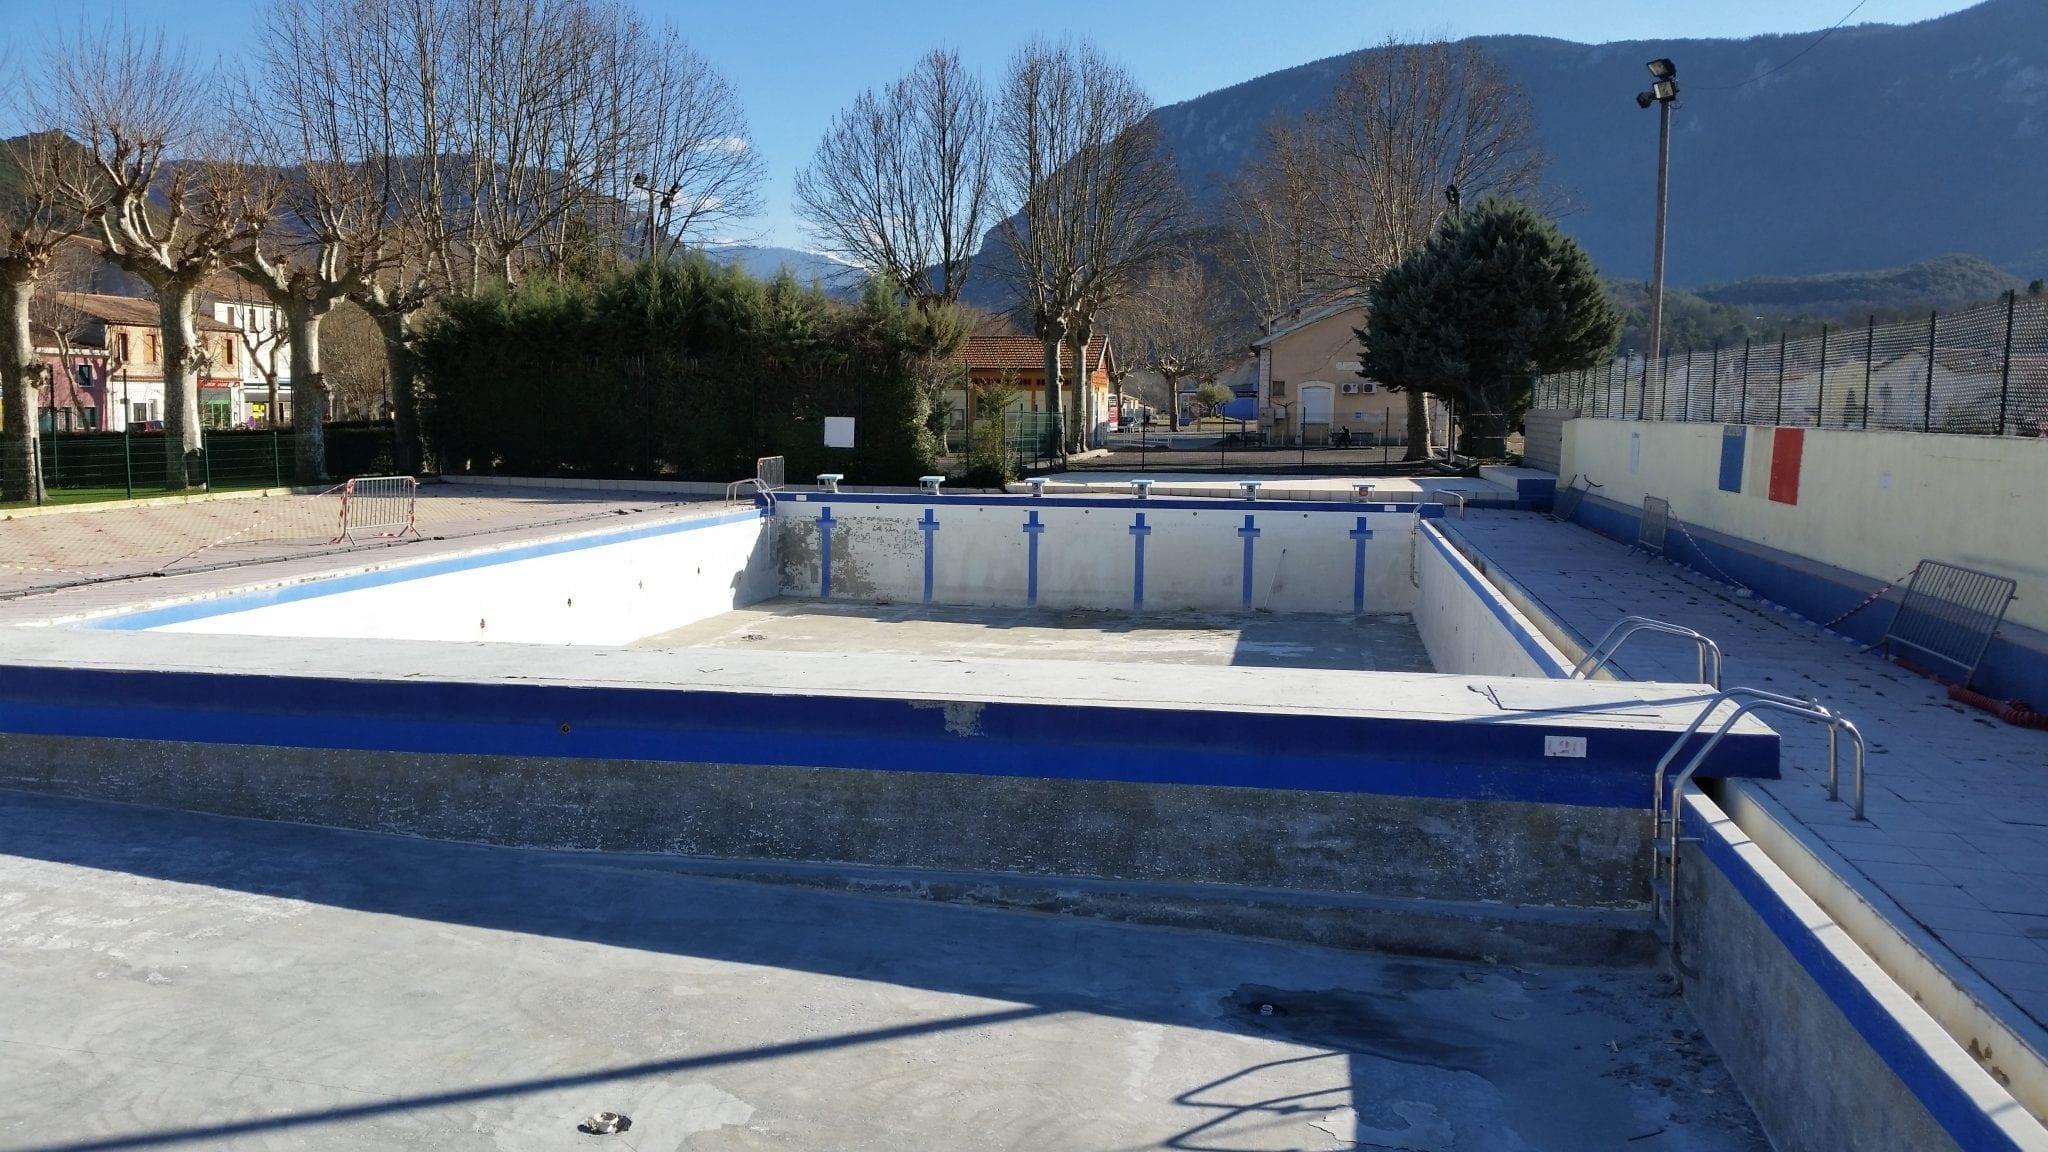 Rénovation d'une piscine municipale réalisée par BTV, spécialiste de la rénovation de piscine à Narbonne (11)